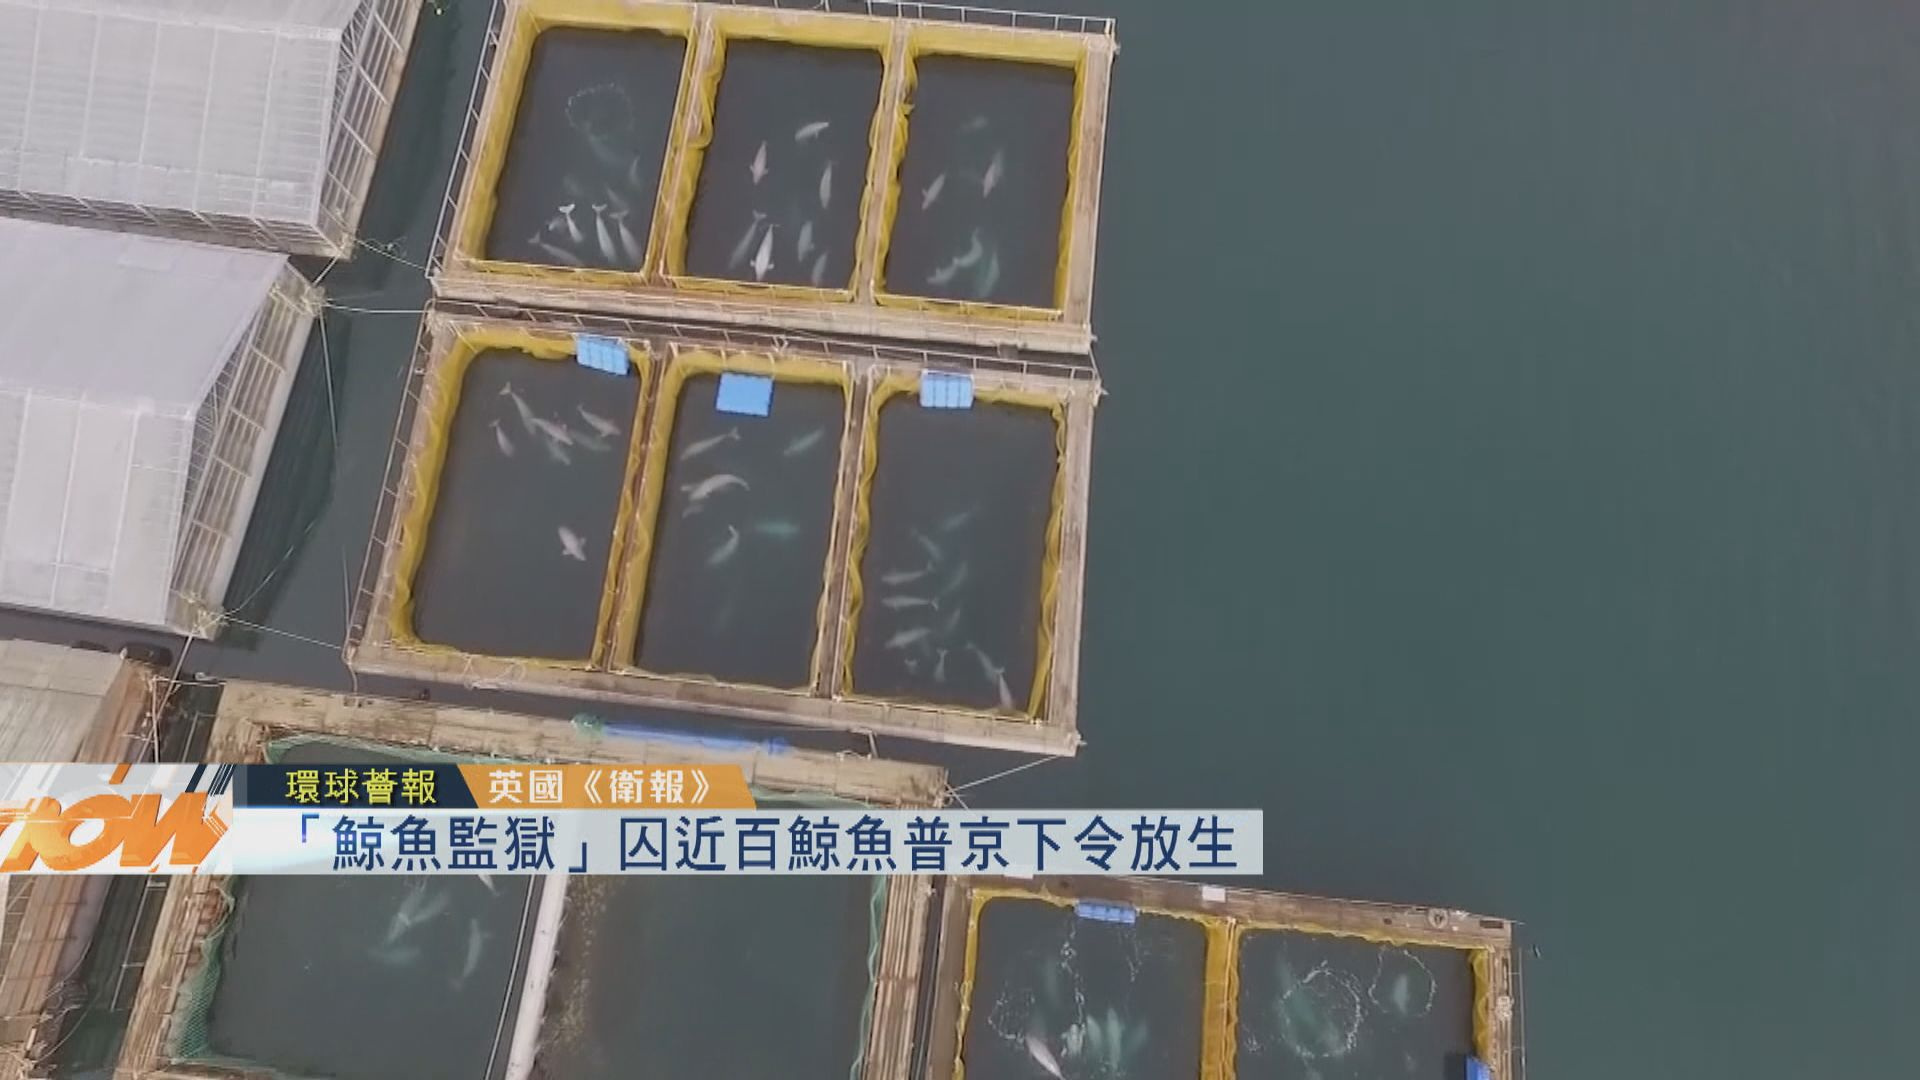 【環球薈報】「鯨魚監獄」囚近百鯨魚 普京下令放生